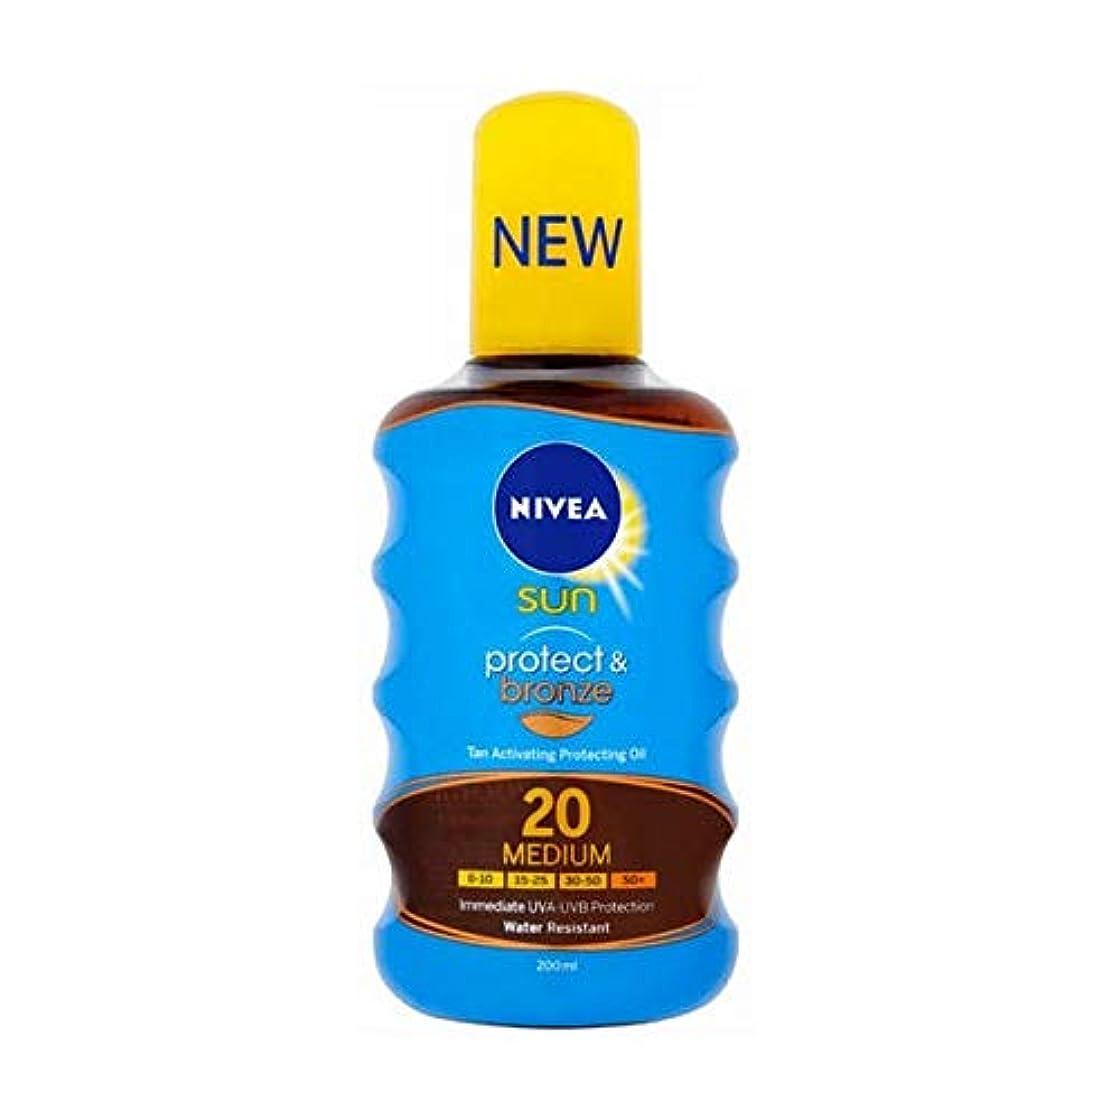 航空民兵中間[Nivea ] ニベア日焼けオイルSpf20プロテクト&ブロンズ200ミリリットル活性化 - NIVEA SUN Tan Activating Oil SPF20 Protect&Bronze 200ml [並行輸入品]